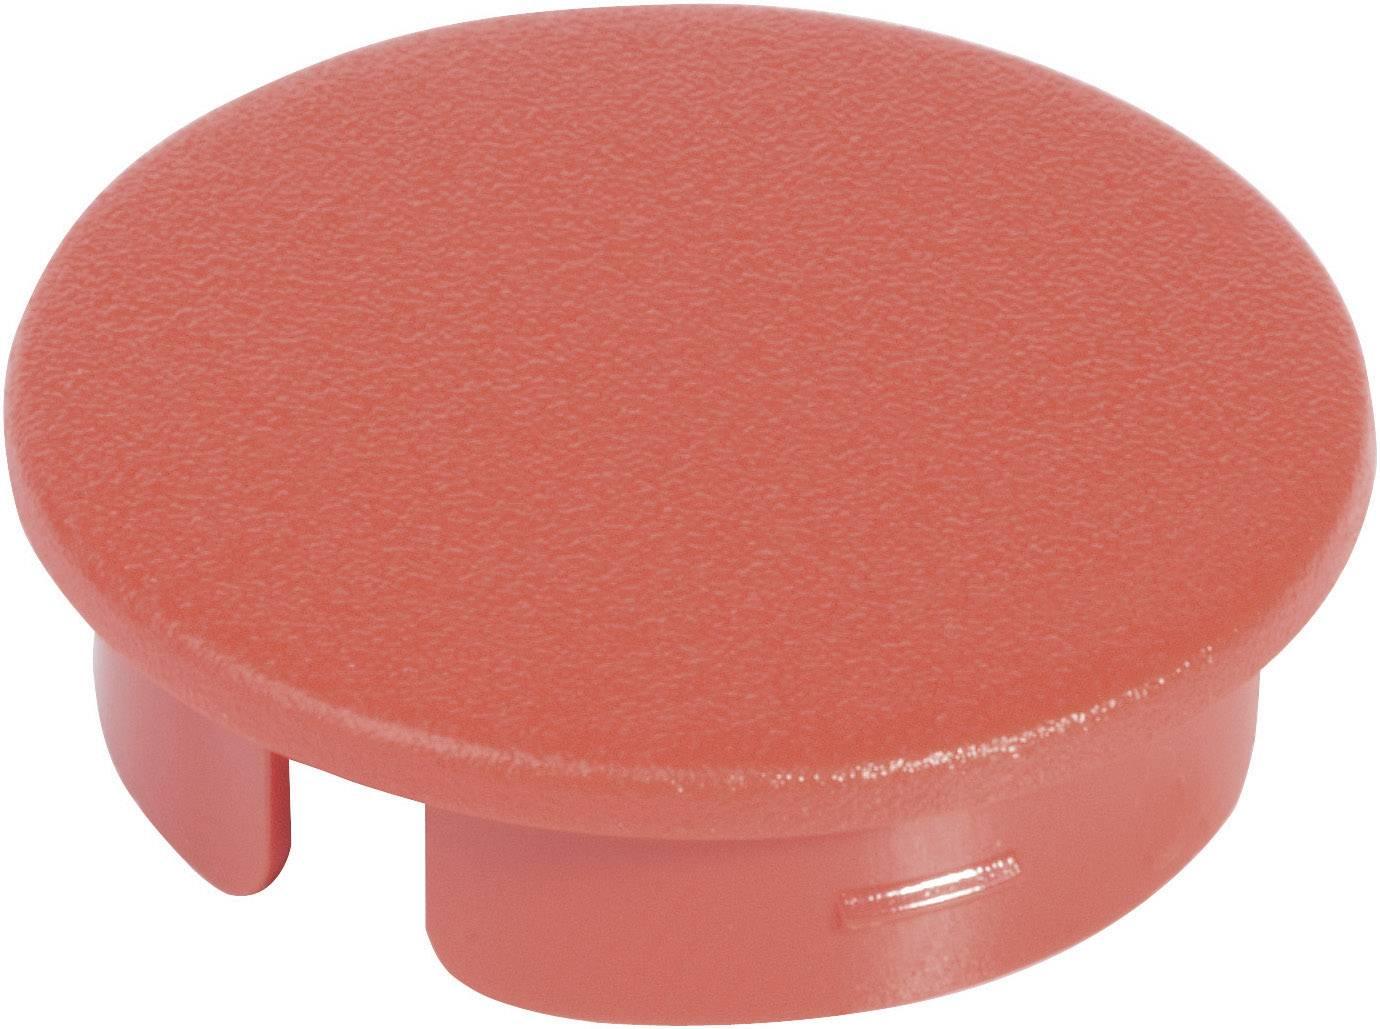 Krytka na otočný knoflík bez ukazatele OKW, pro knoflíky/O 13,5 mm, červená